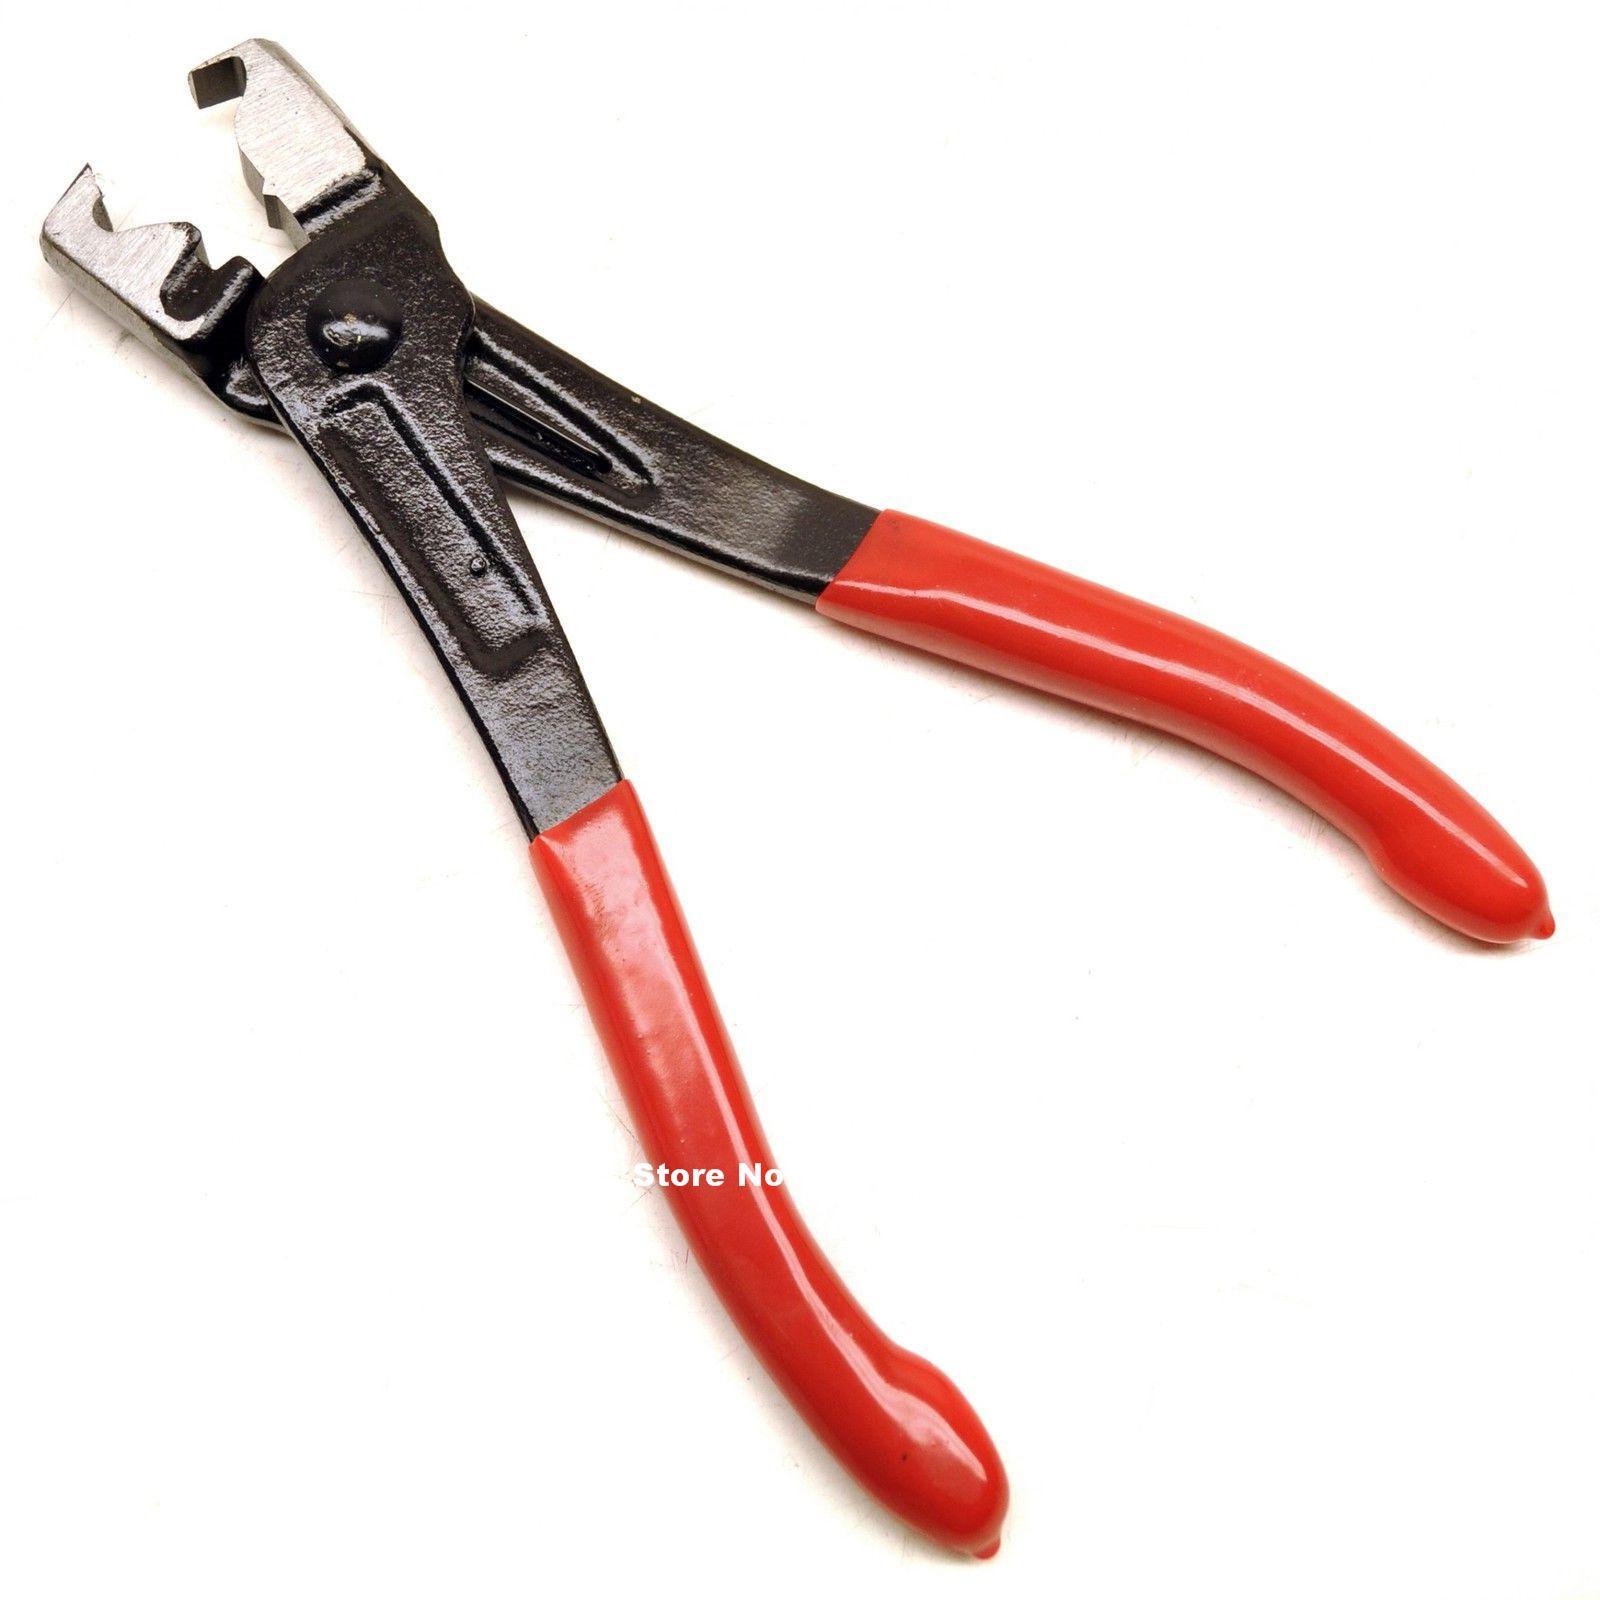 Universel Cliquez R Type Colliers Tuyau Clip Pinces Clic Outil-Garage CLIQUEZ-R TYPE AT2173